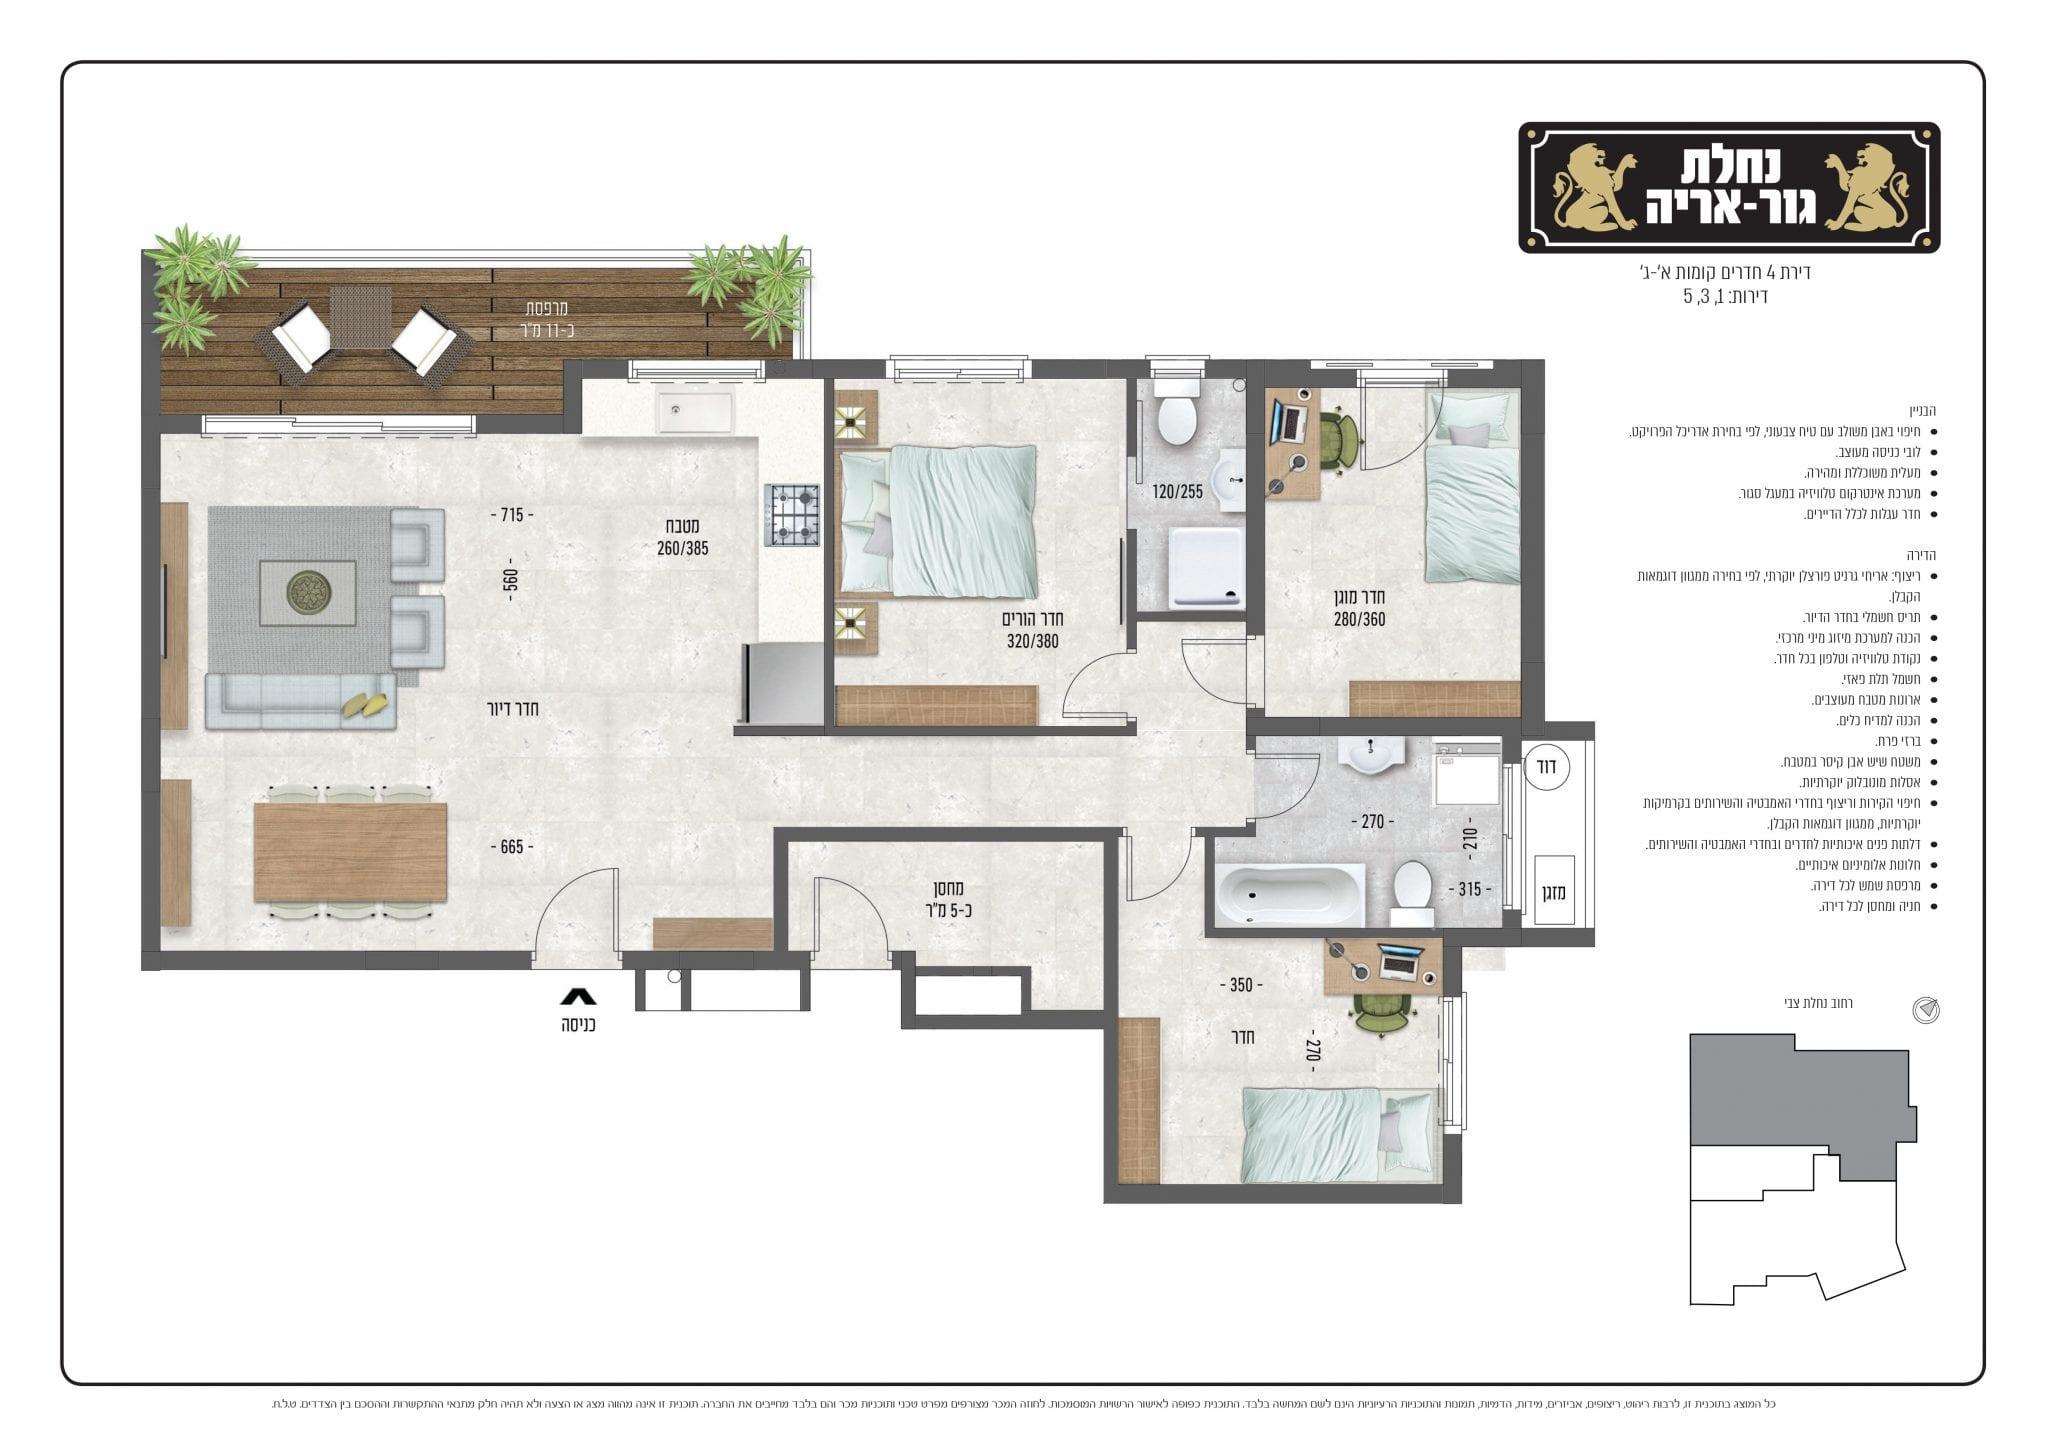 דירת 4 חדרים, קומות 1-3 - מספר 1,3,5